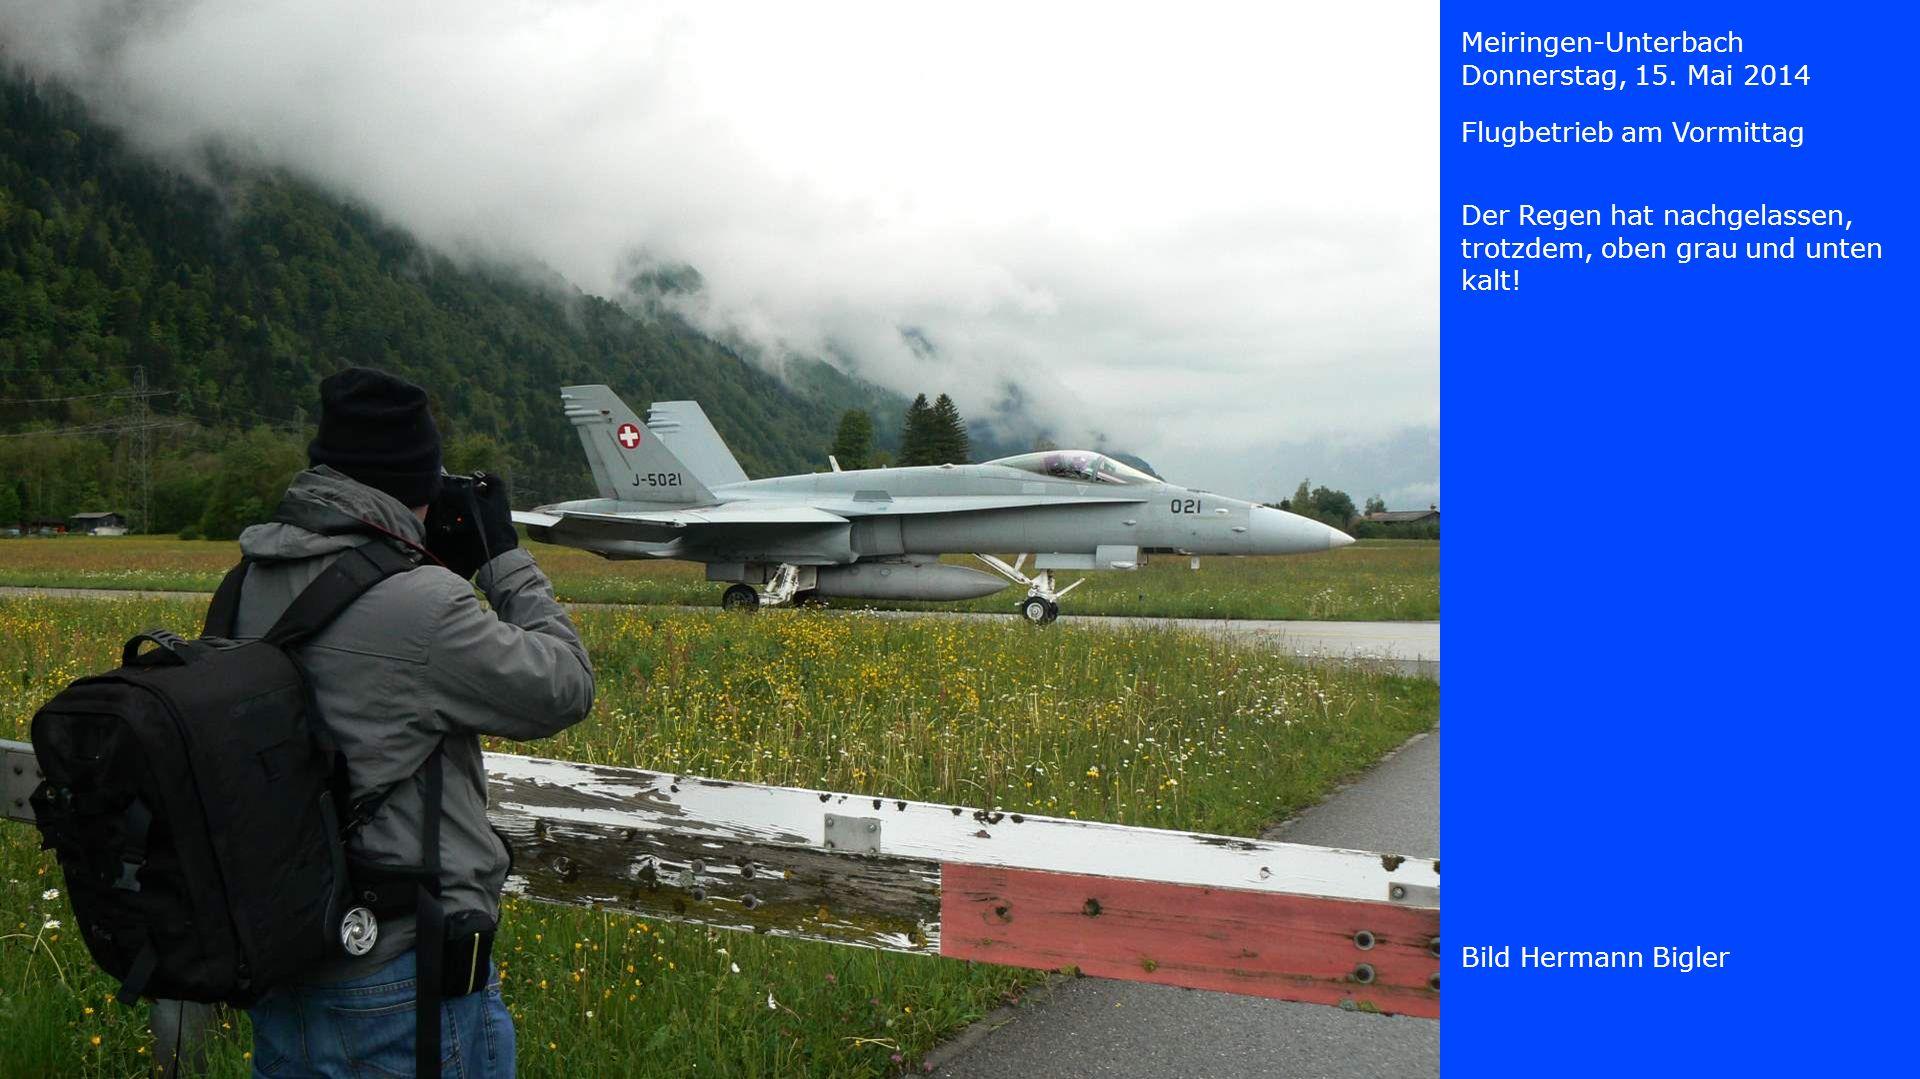 Meiringen-Unterbach Donnerstag, 15. Mai 2014. Flugbetrieb am Vormittag. Der Regen hat nachgelassen, trotzdem, oben grau und unten kalt!